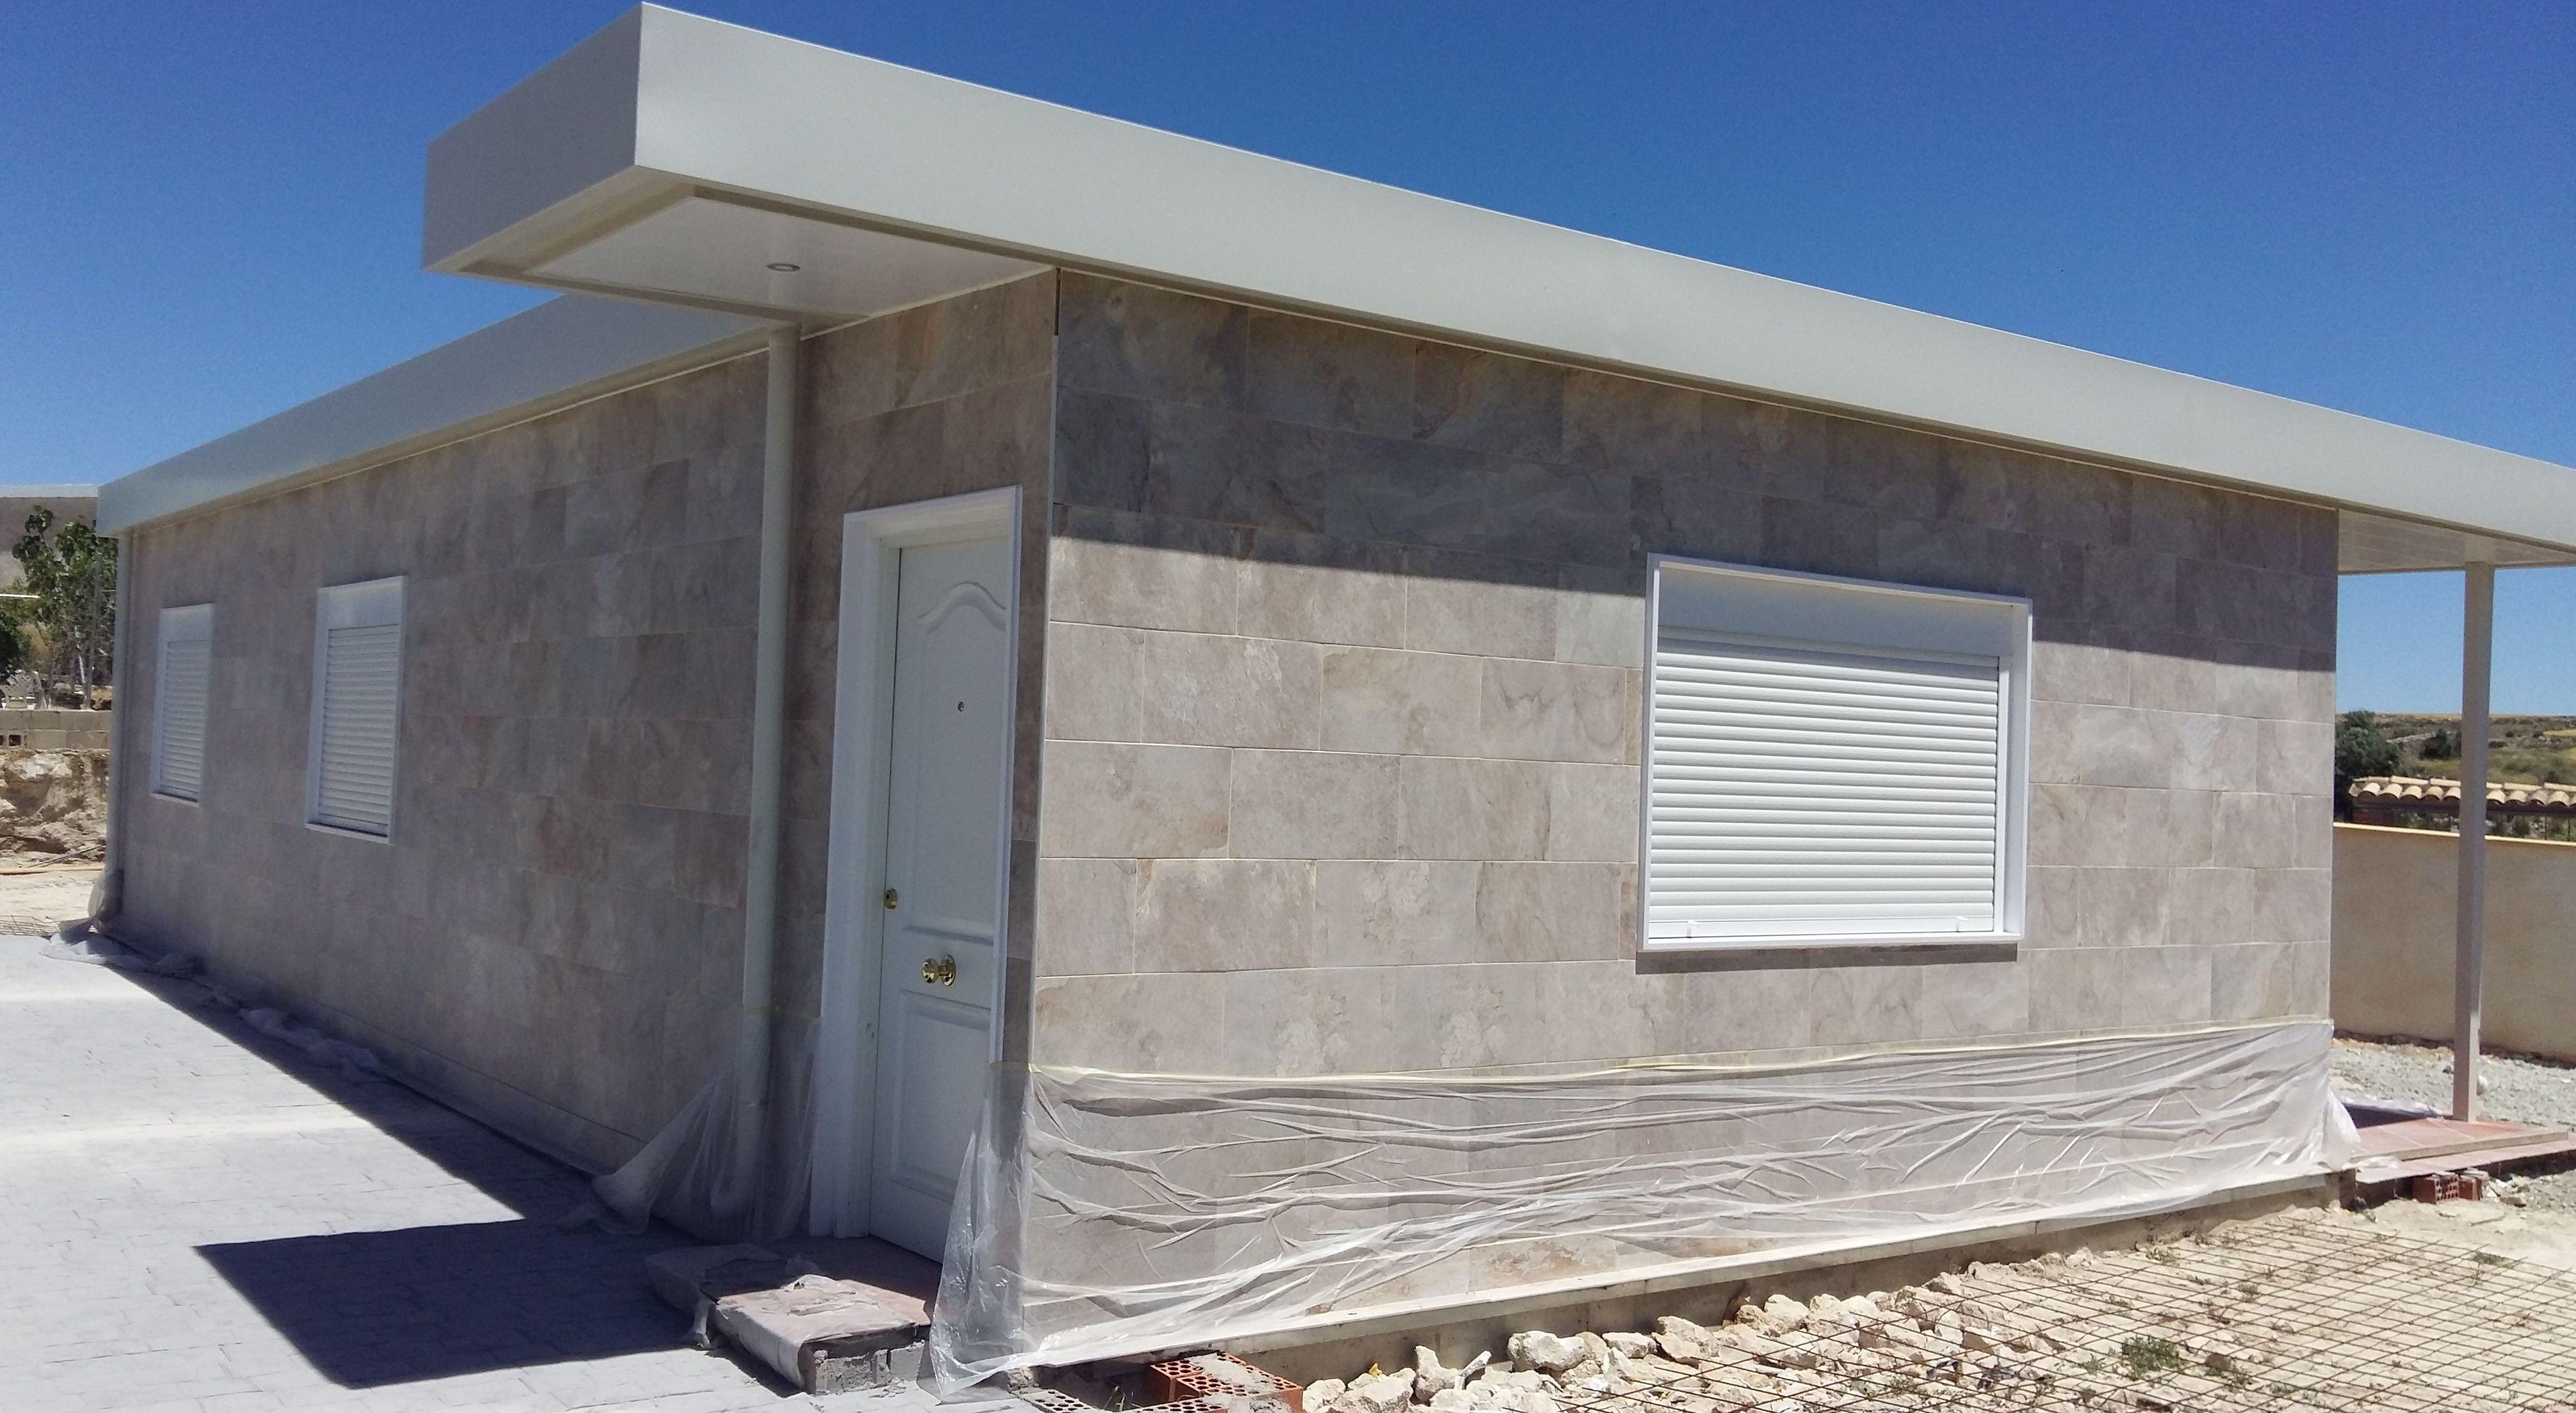 Foto 15 de Casas prefabricadas en Humanes | Wigarma